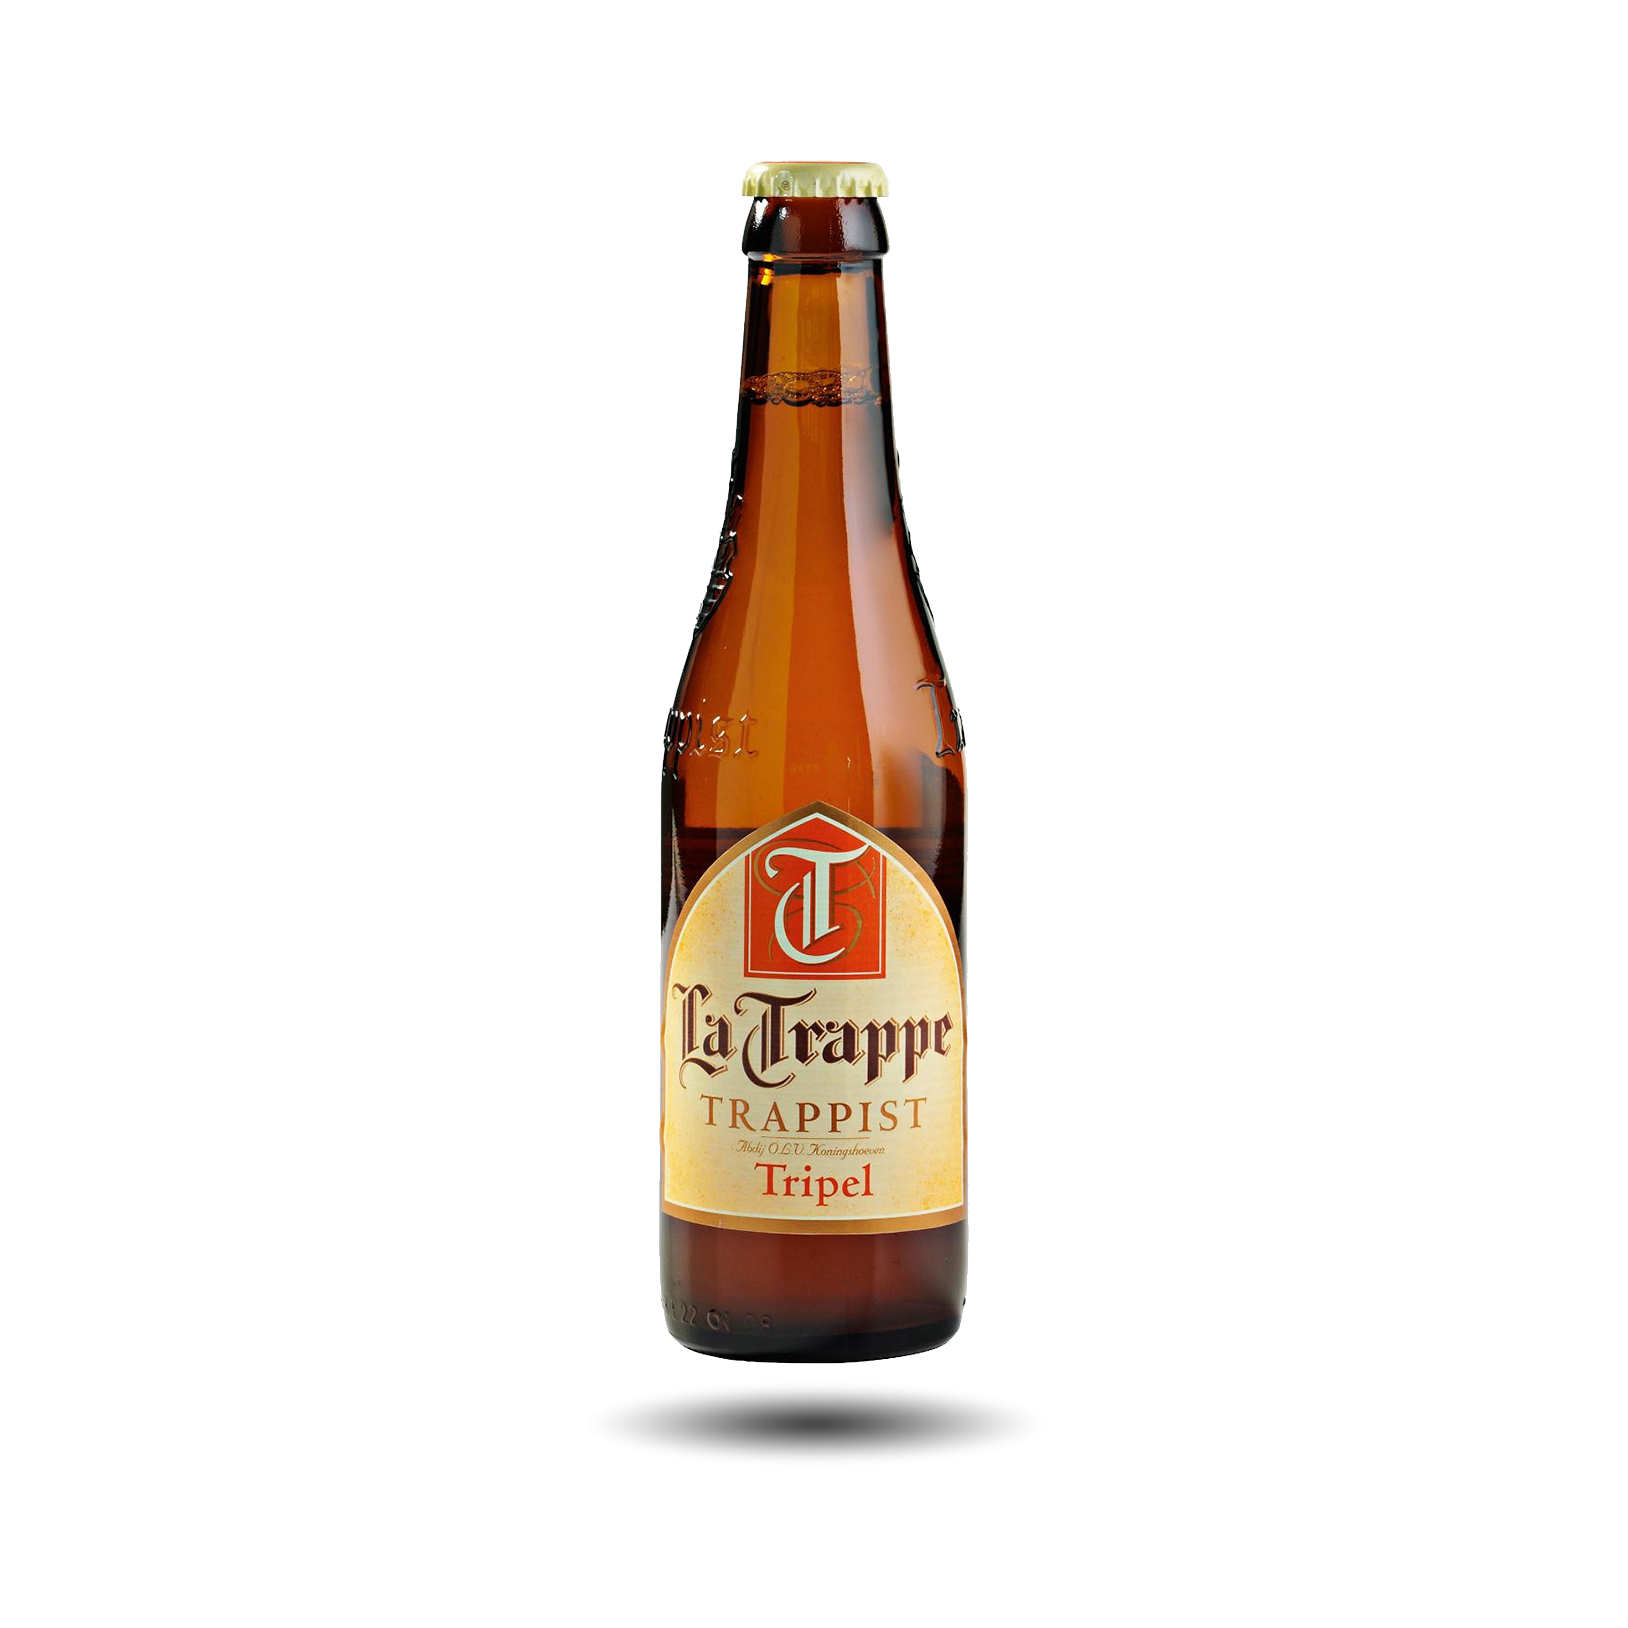 La Trappe - Trappist, Tripel